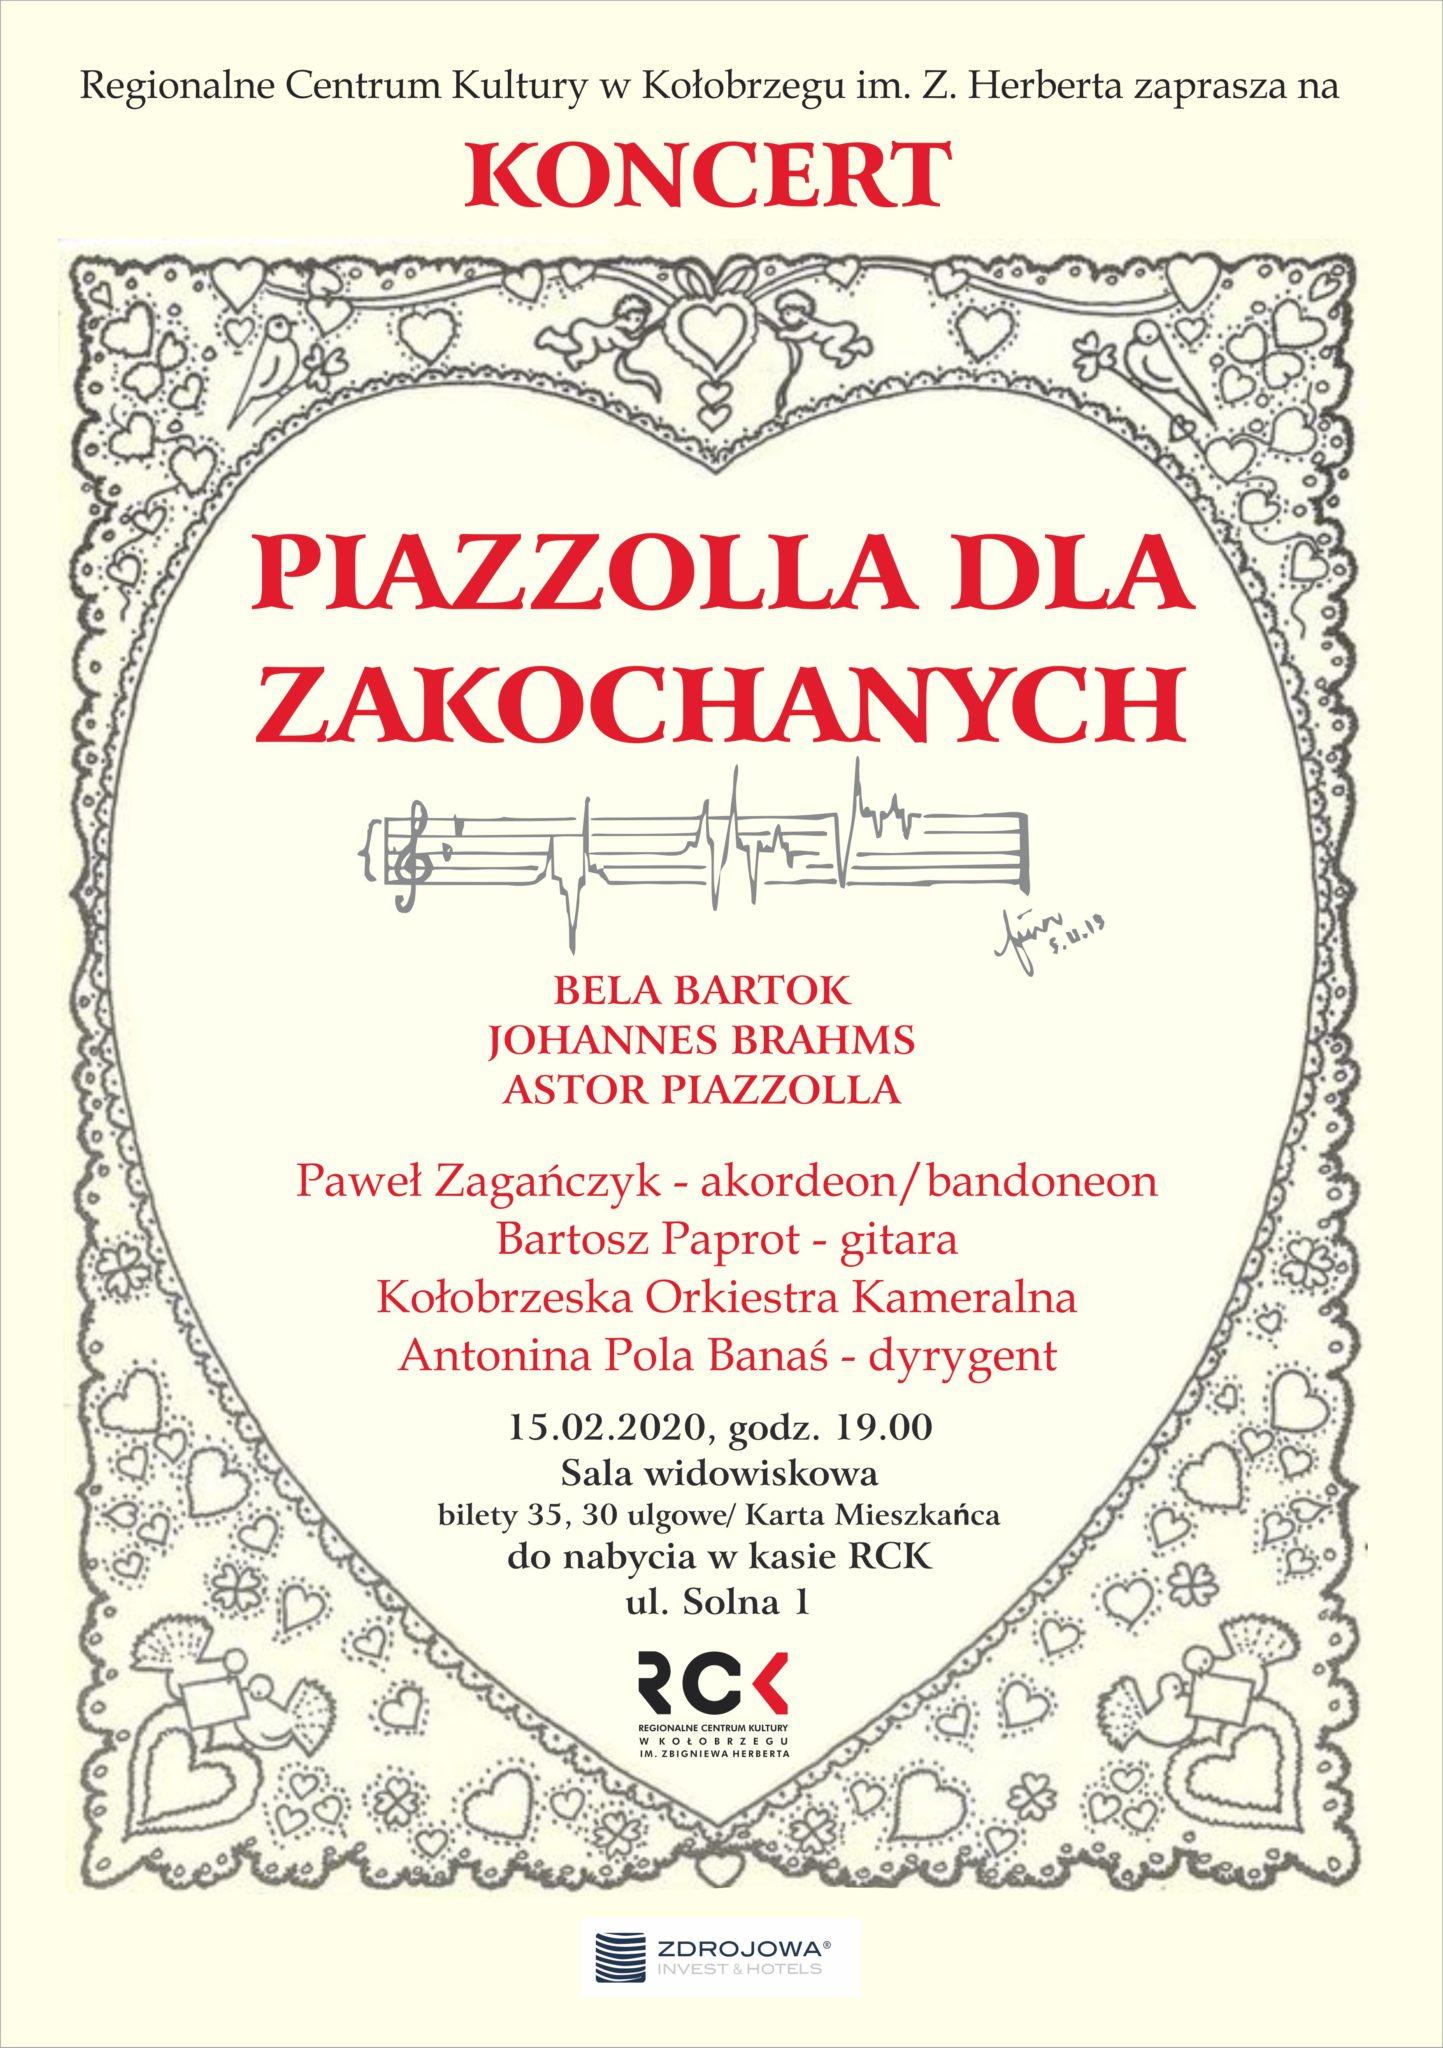 """banaś 20 piazzolla 2 - Sobota, RCK, koncert """"Piazzolla dla Zakochanych"""", godz. 19, bilety 35zł/30zł"""